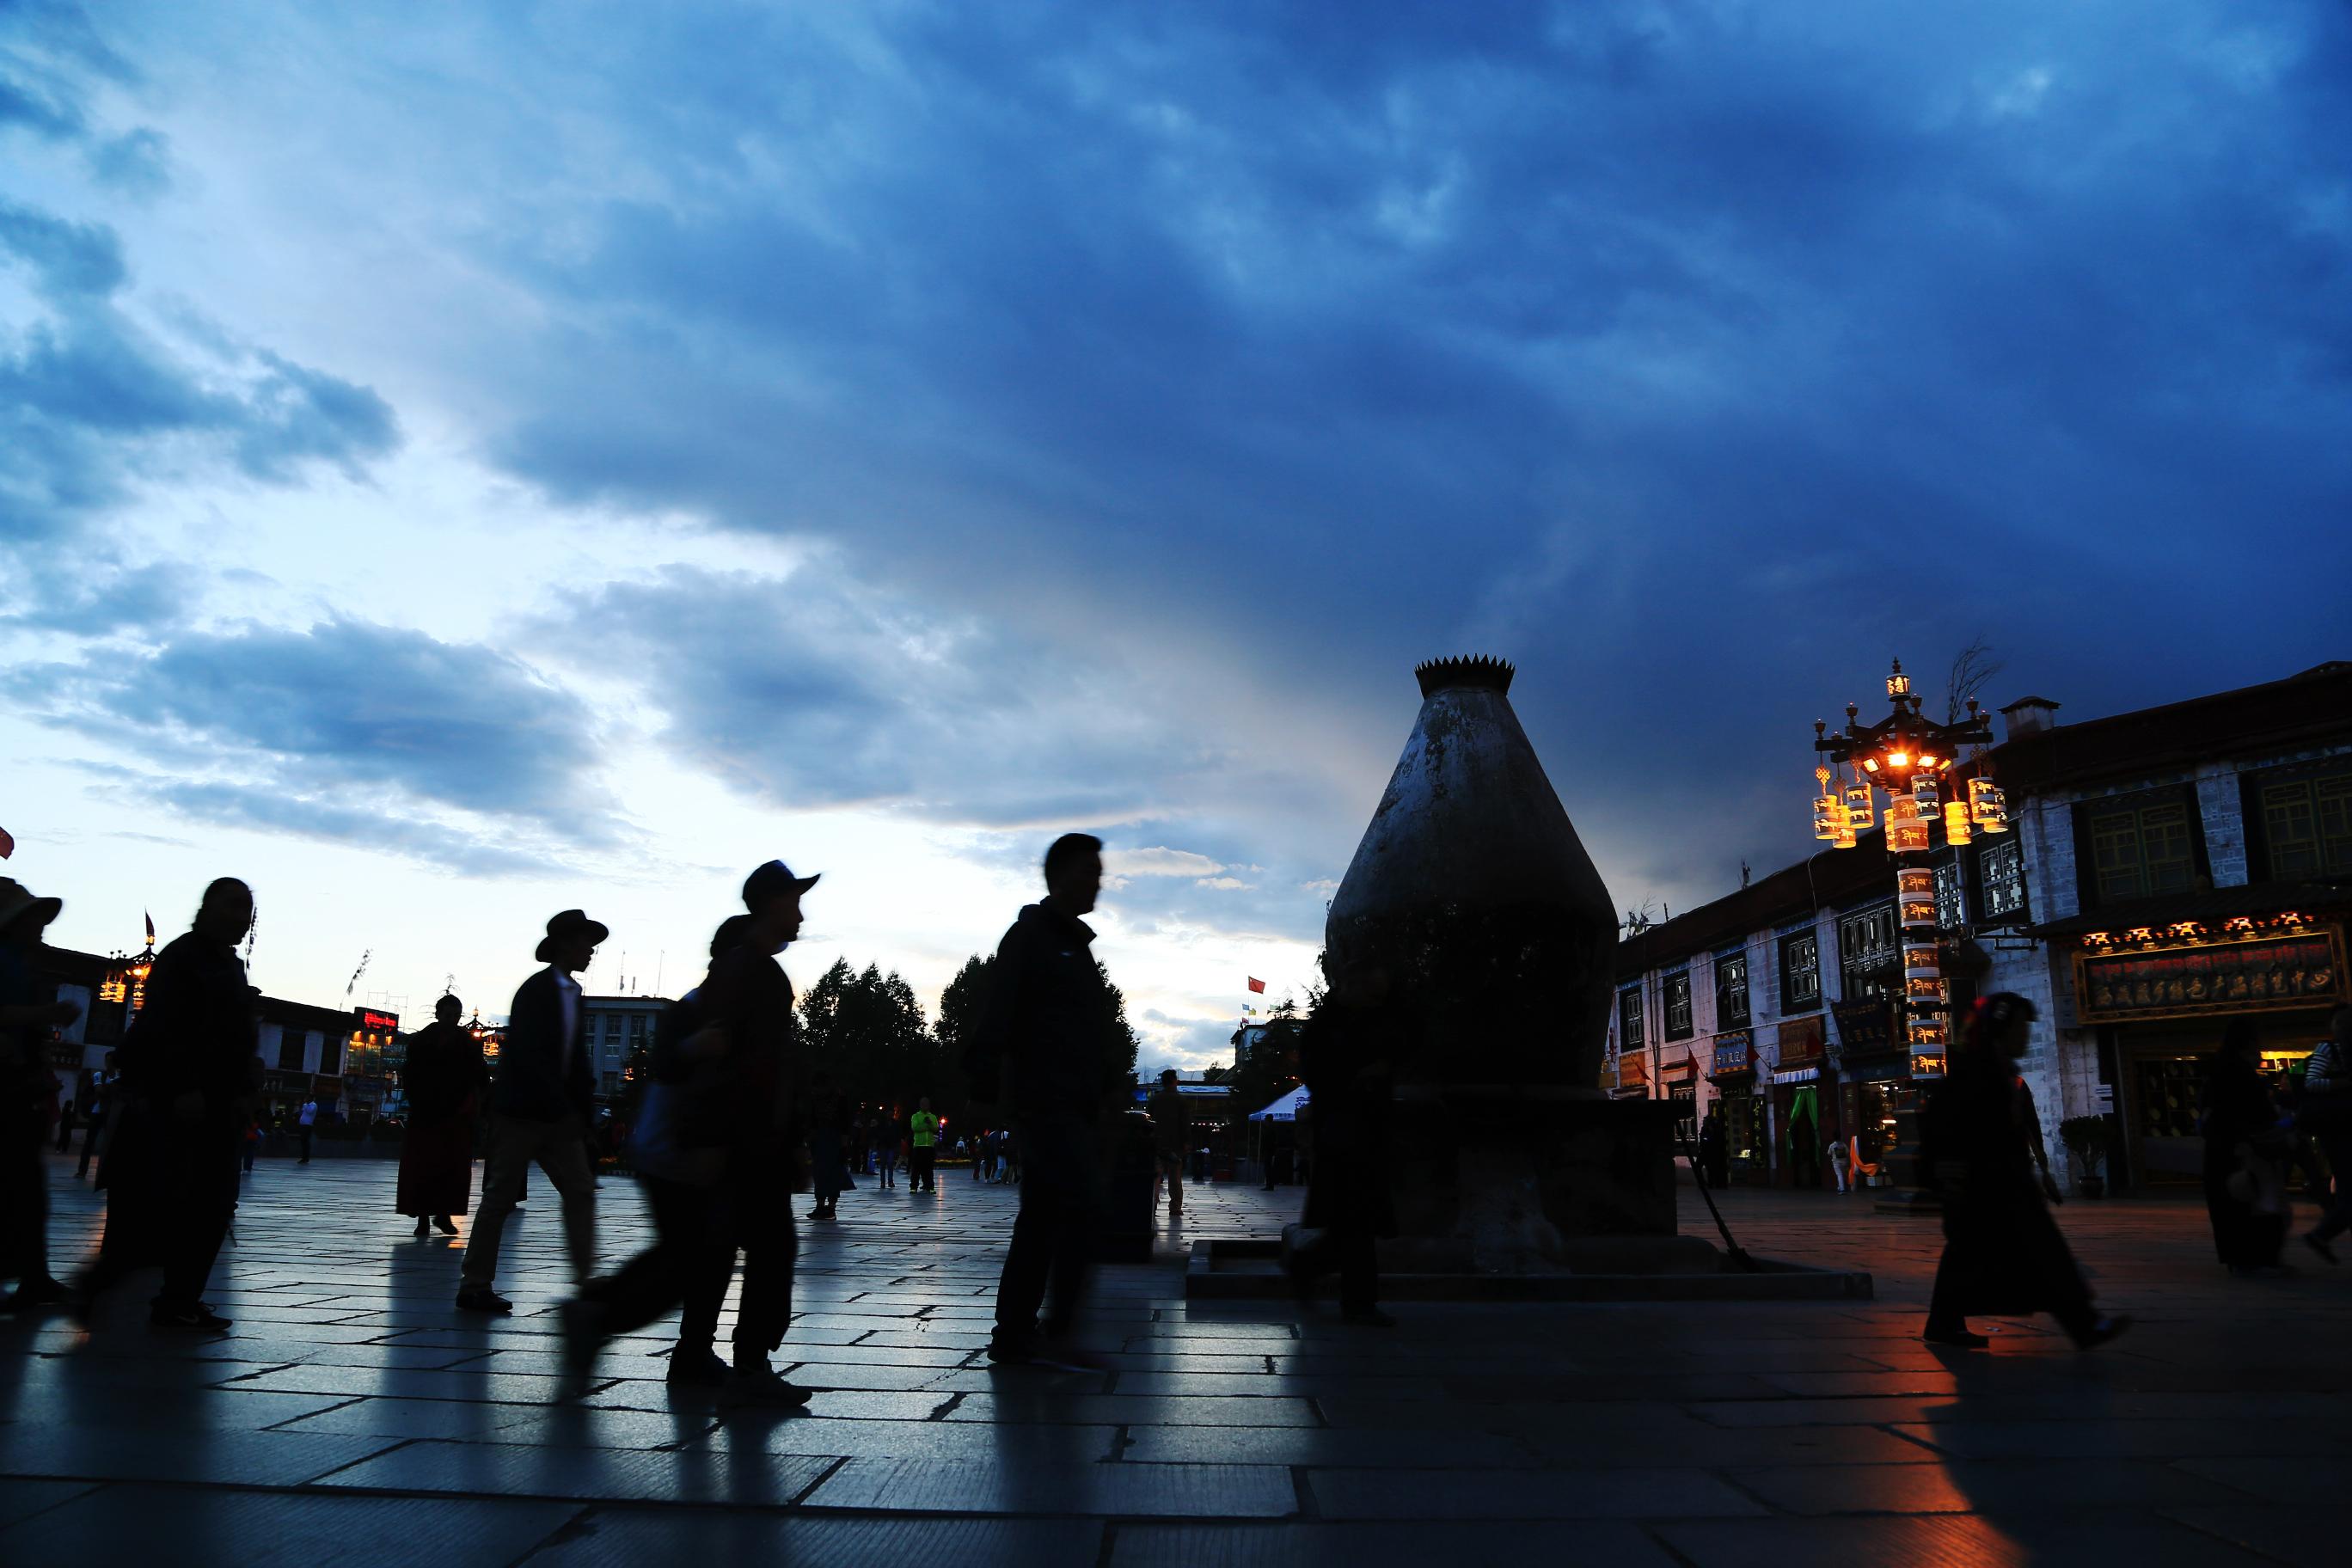 去西藏看什么:看山、看水、看塔、看人、看自己